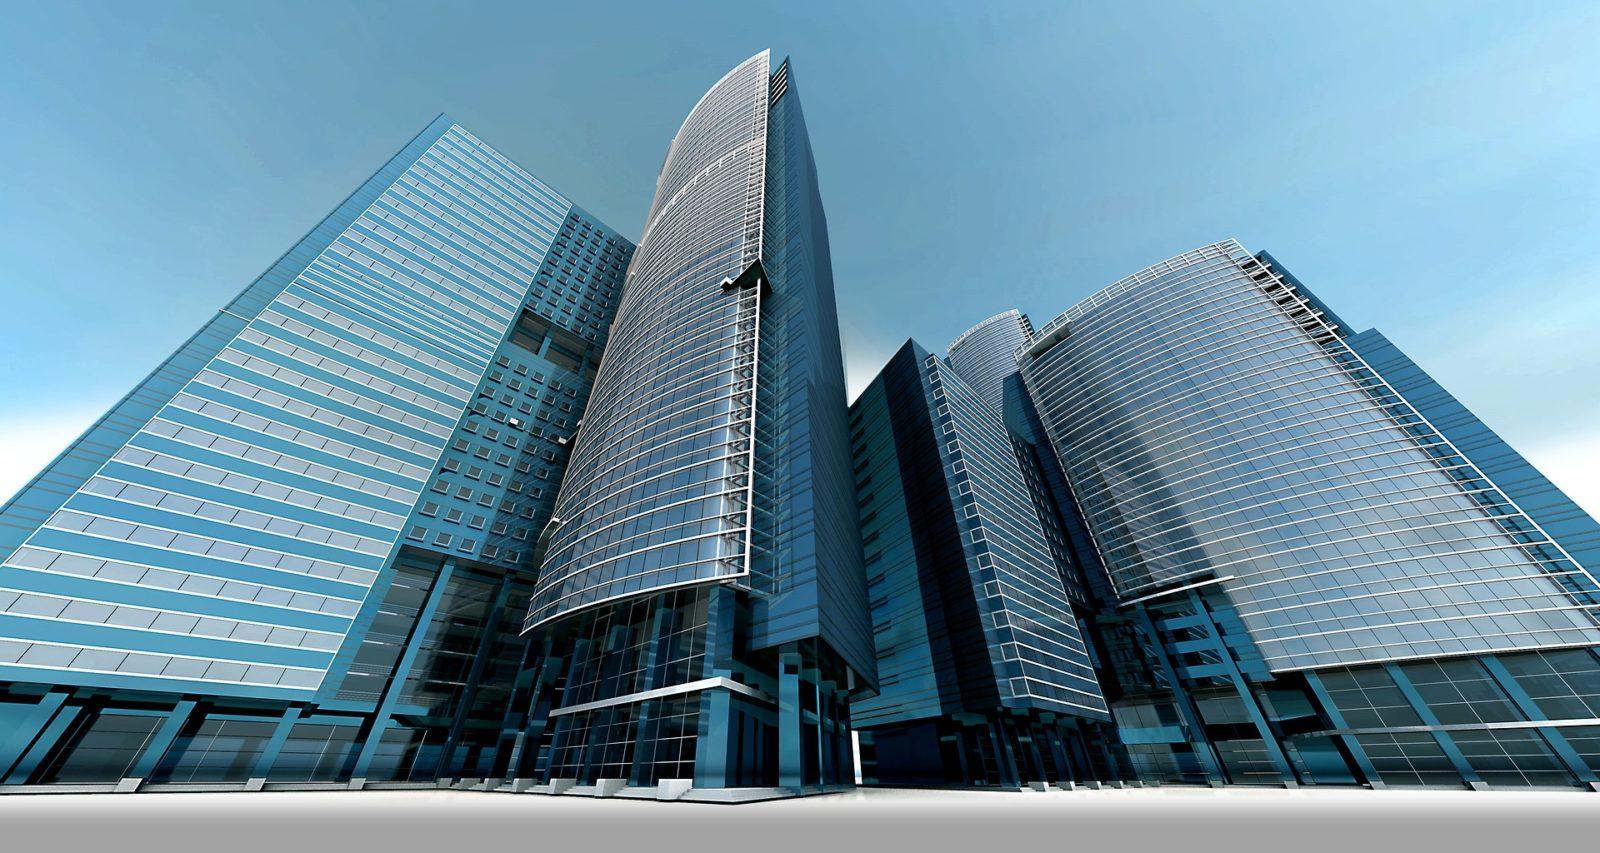 Première campagne nationale sur les compétences de base : les partenaires sociaux du secteur bancaire dressent un bilan positif